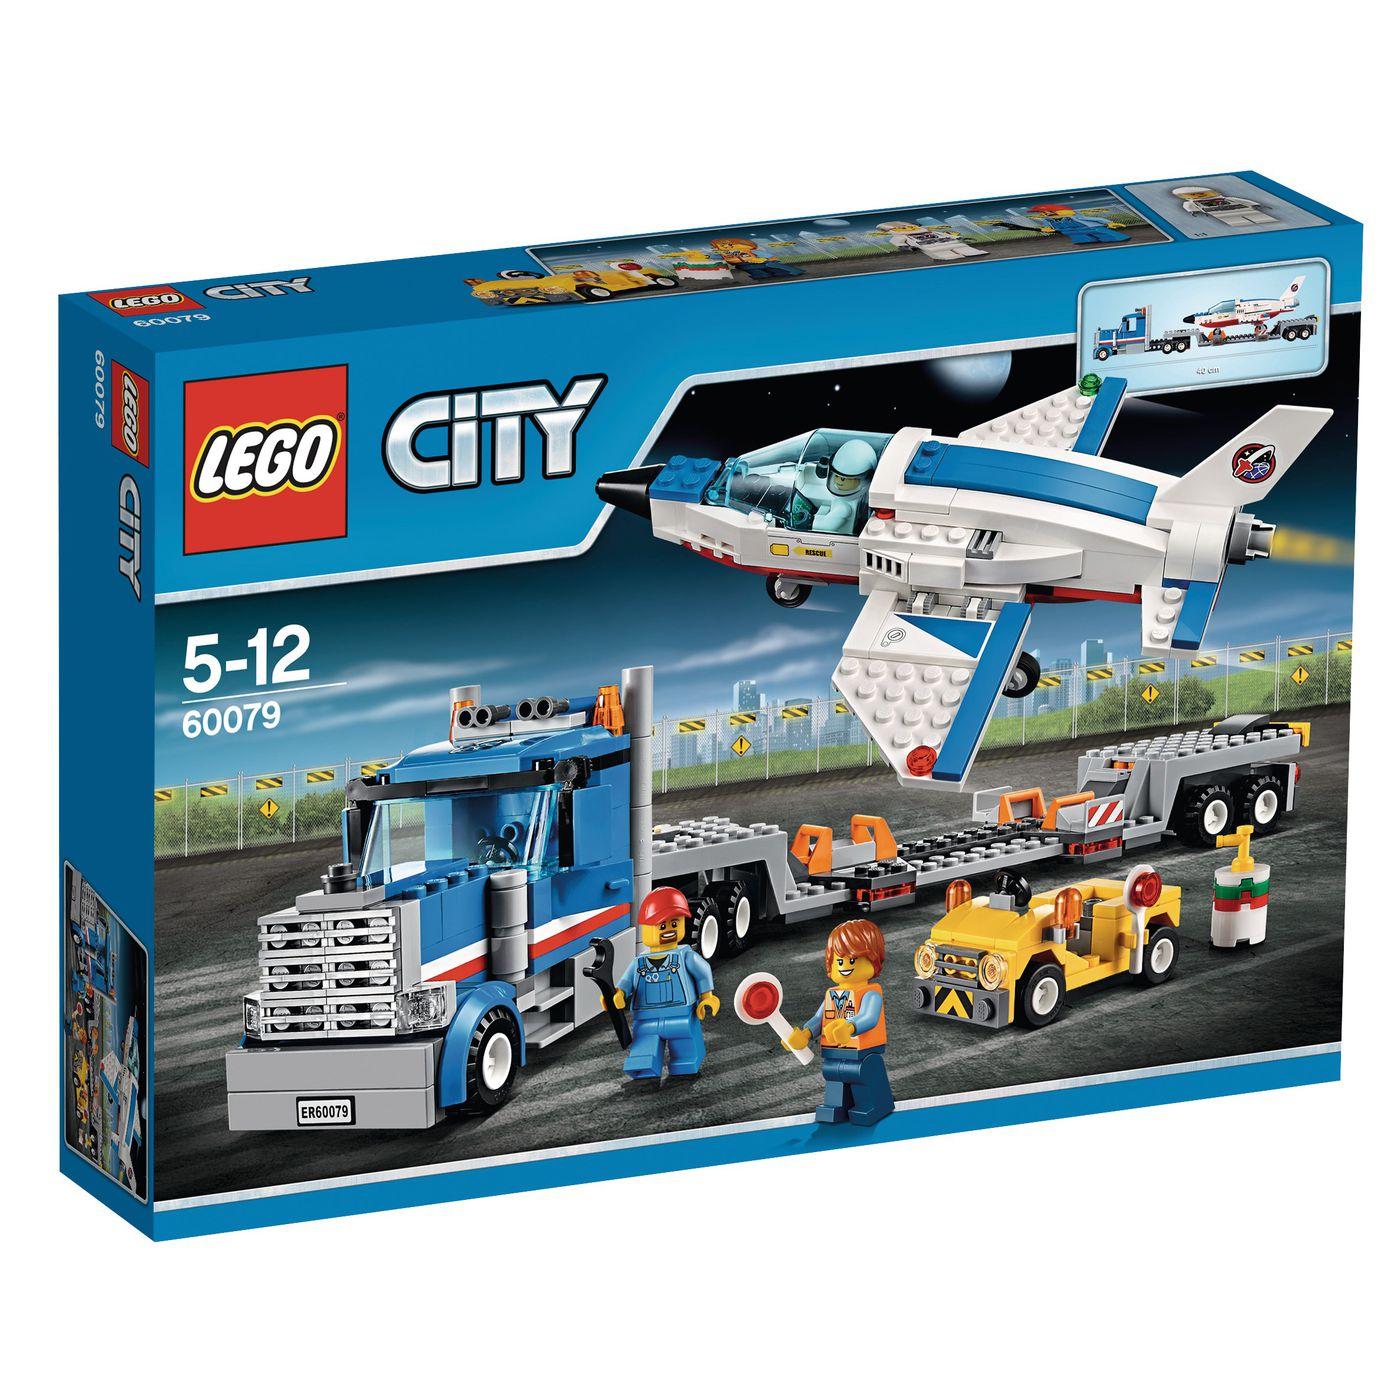 LEGO City Weltraumjet mit Transporter 60079 für 34,99€ versandkostenfrei bei [Jako O]